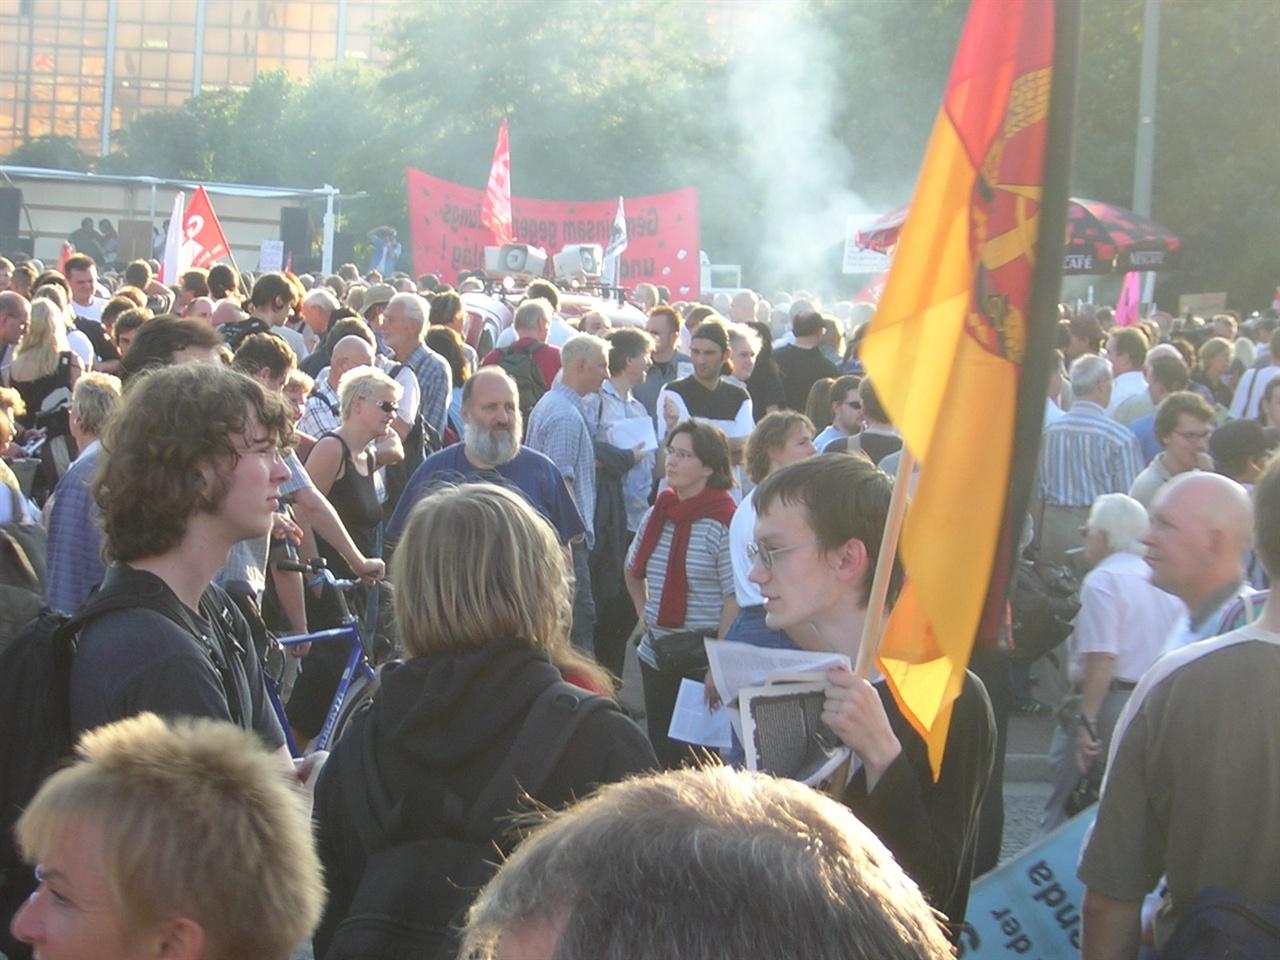 2004년, 새로운 노동정책에 반발해 시위에 나선 동독주민